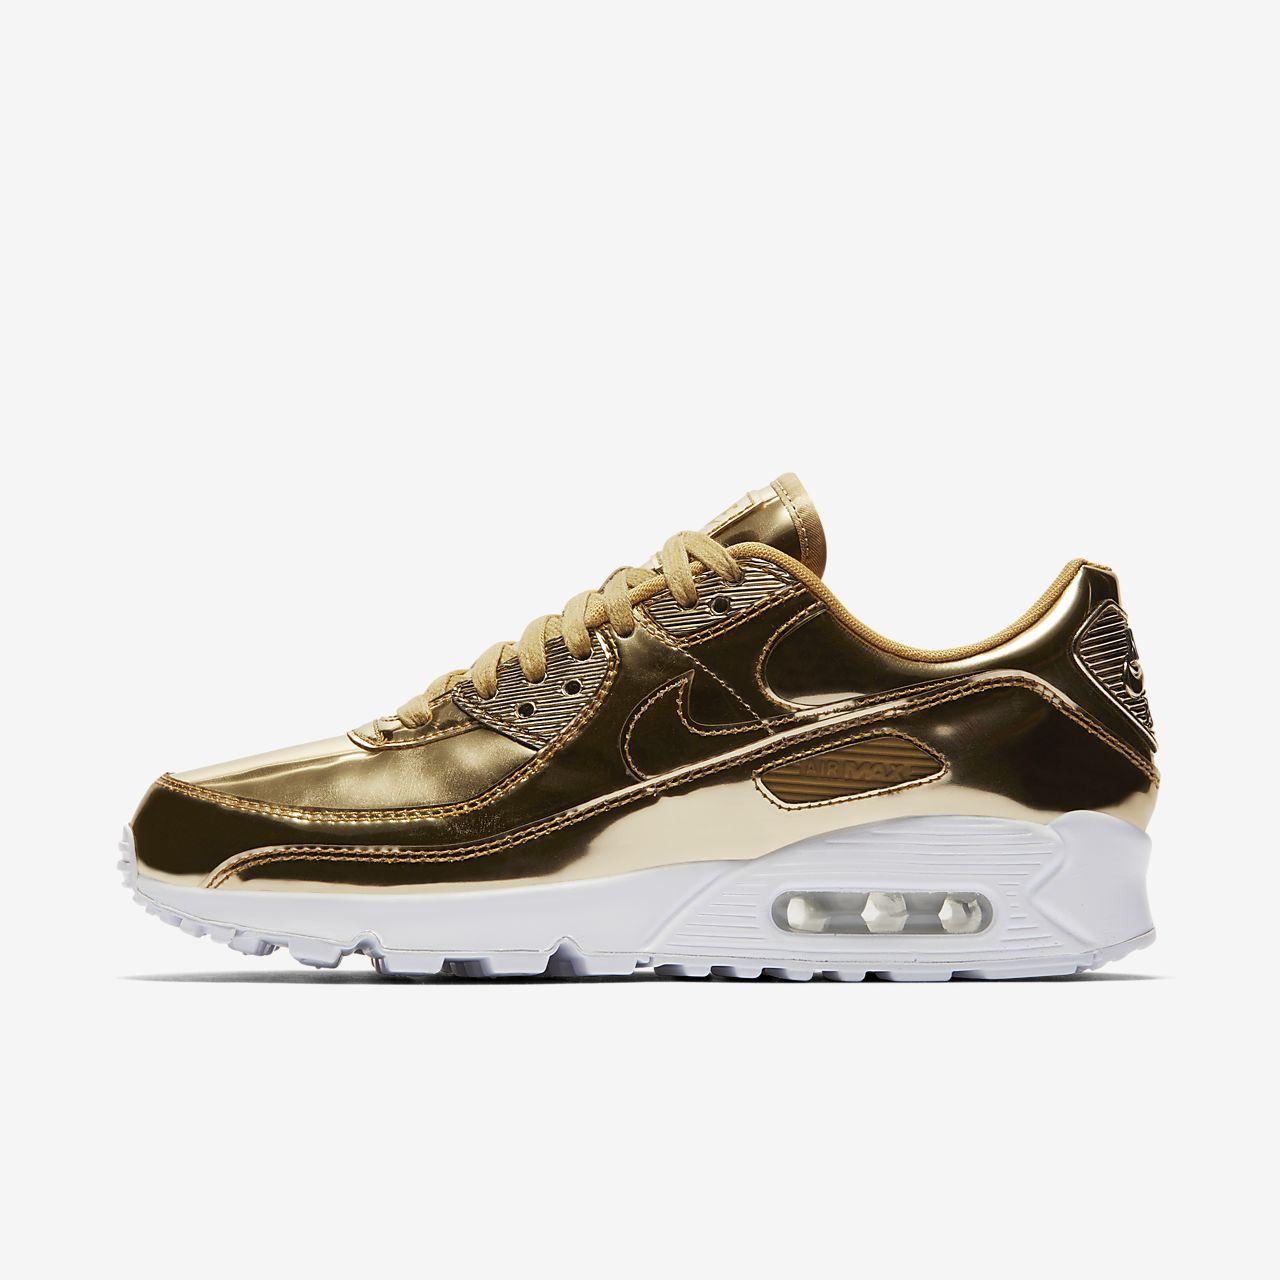 Chaussure Nike Air Max 90 SP